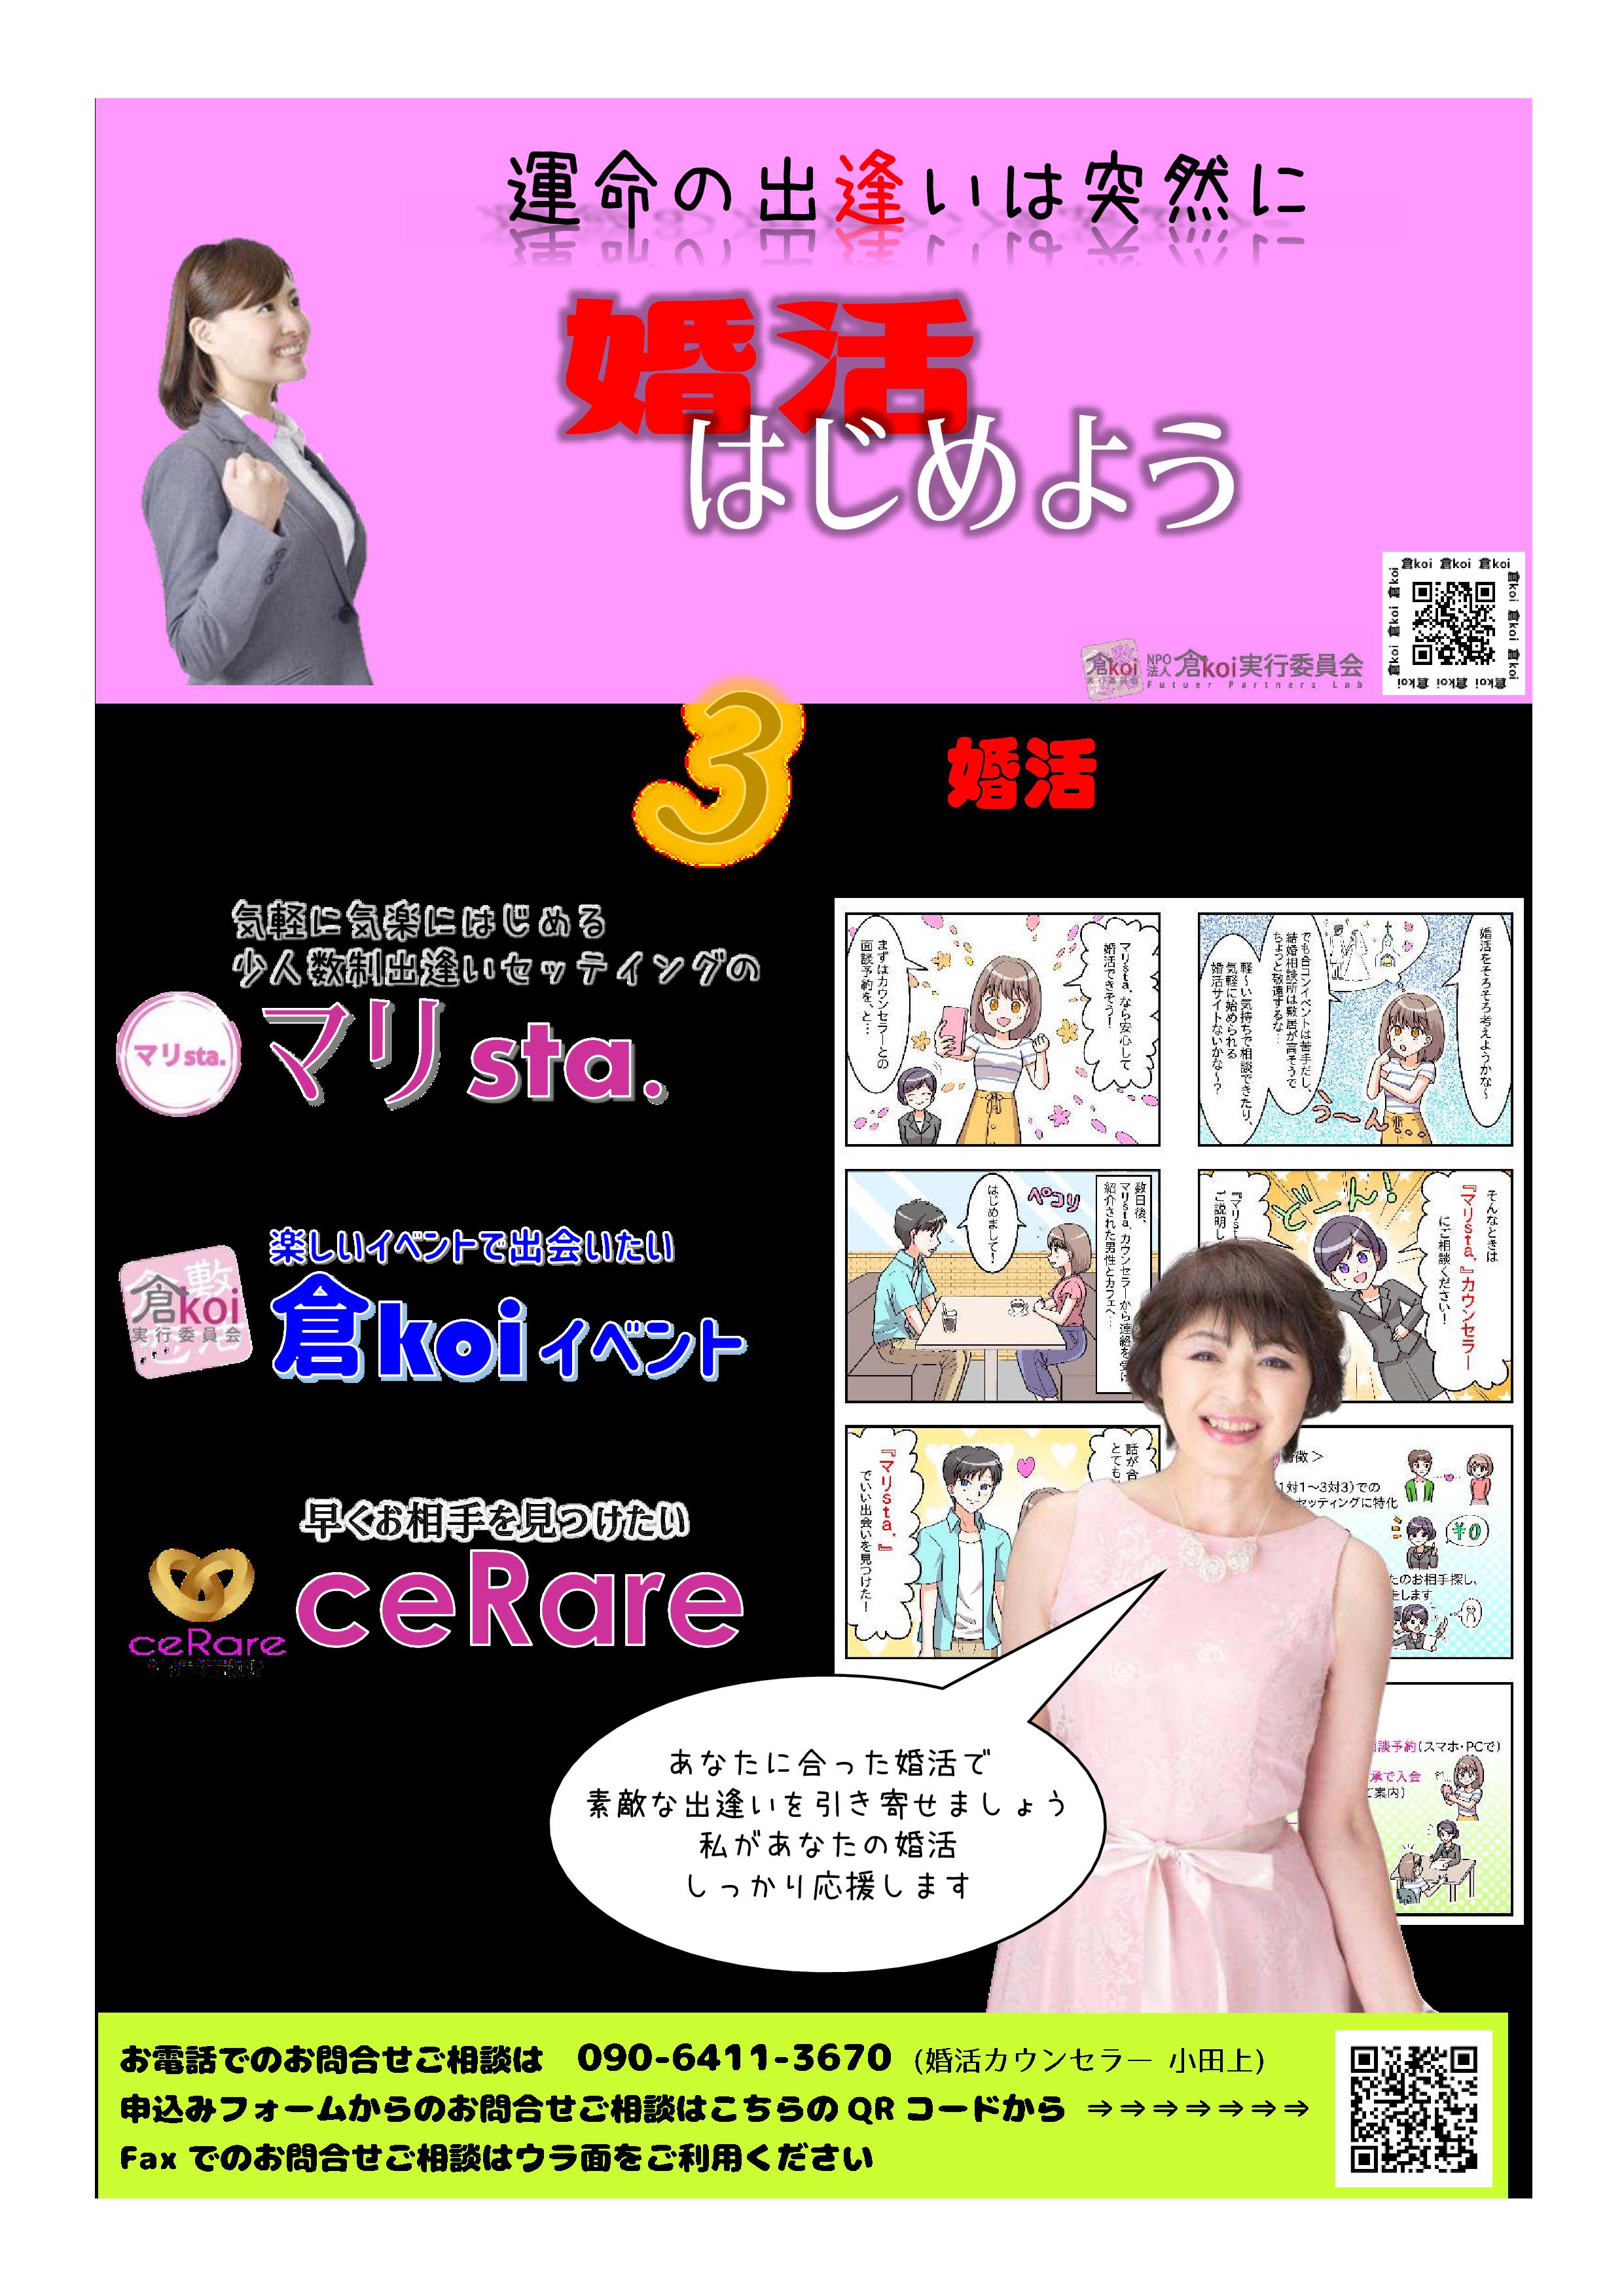 倉koi  で婚活 3つの婚活スタイル